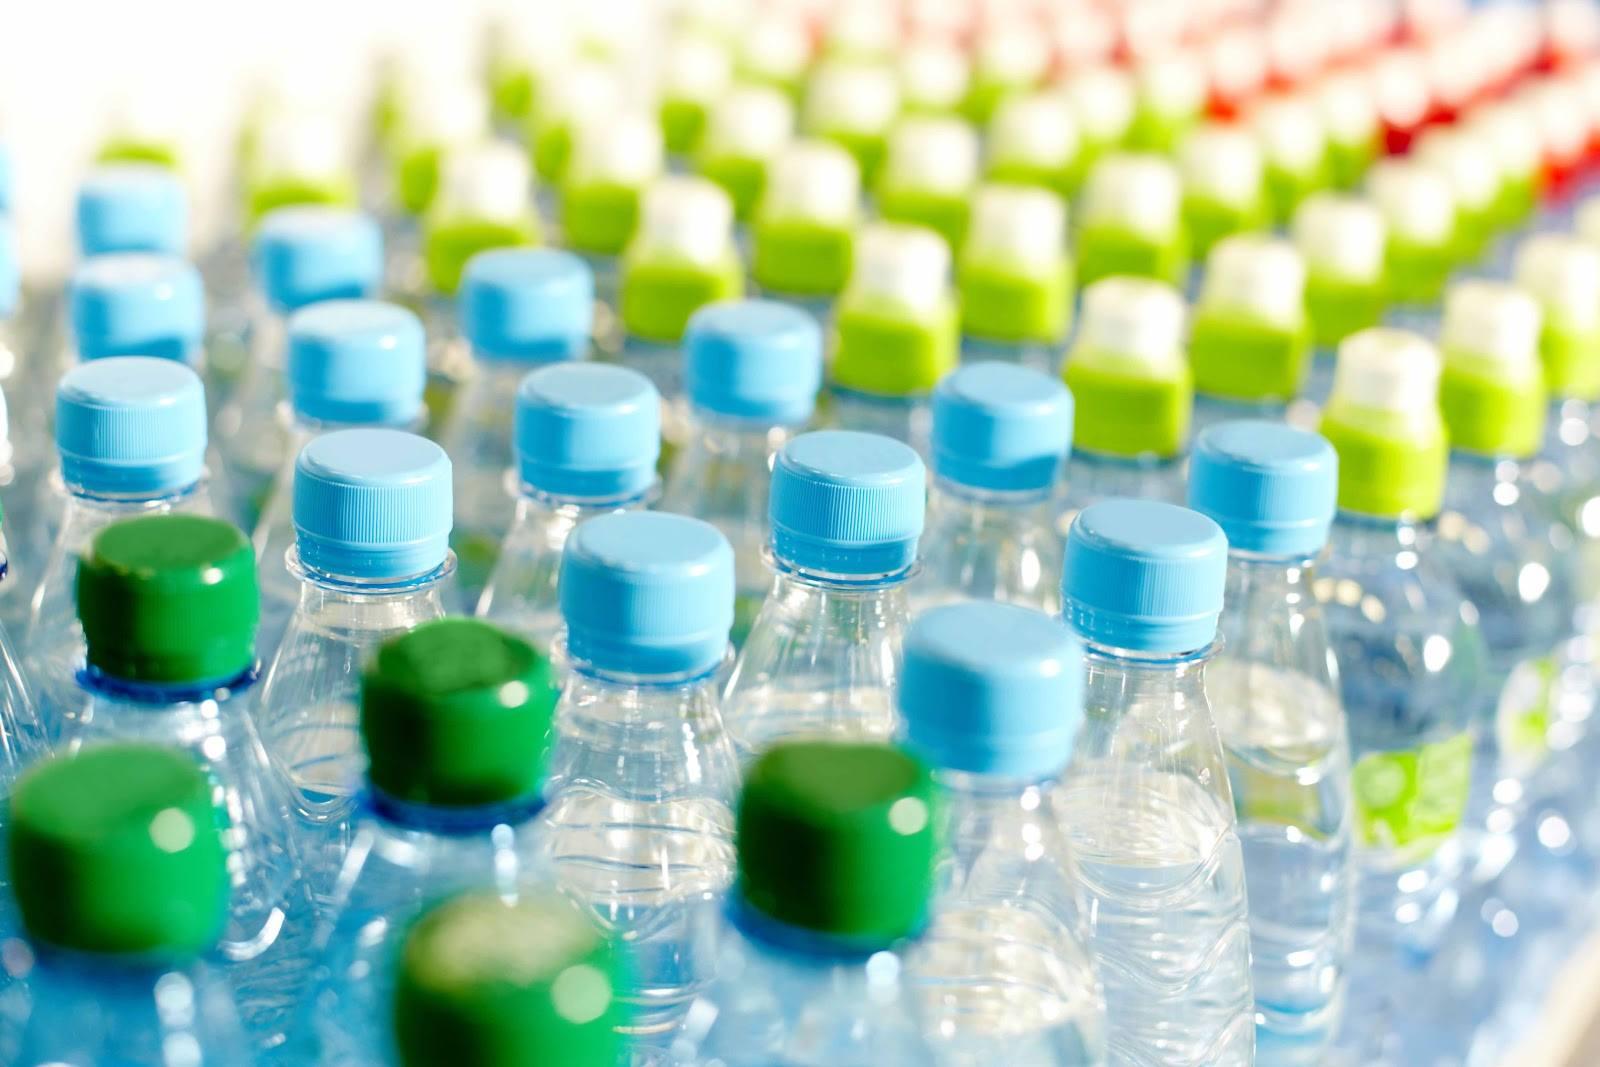 Reutilizar las botellas de plástico y alternativas saludables